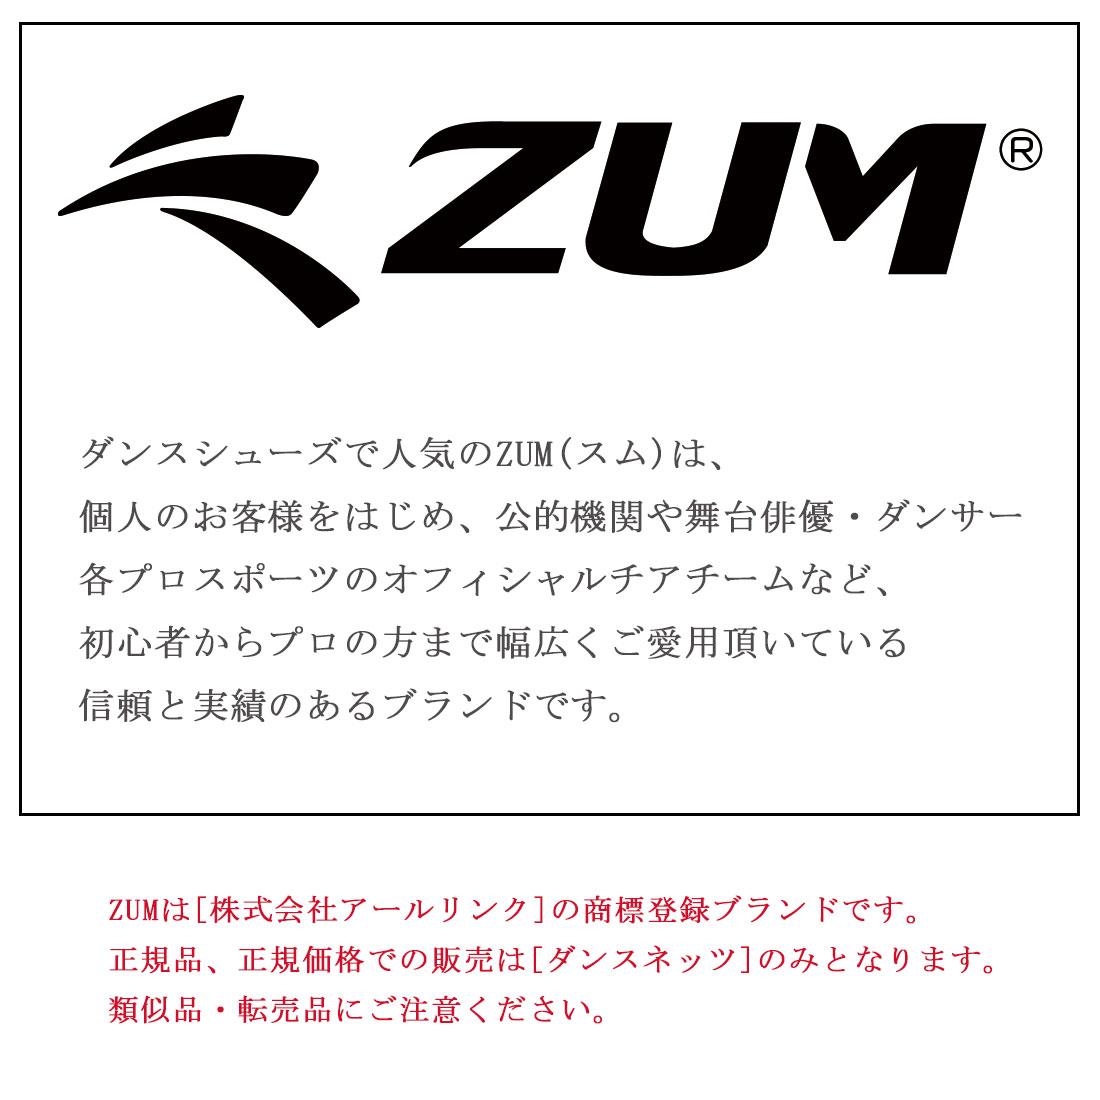 ZUM商標